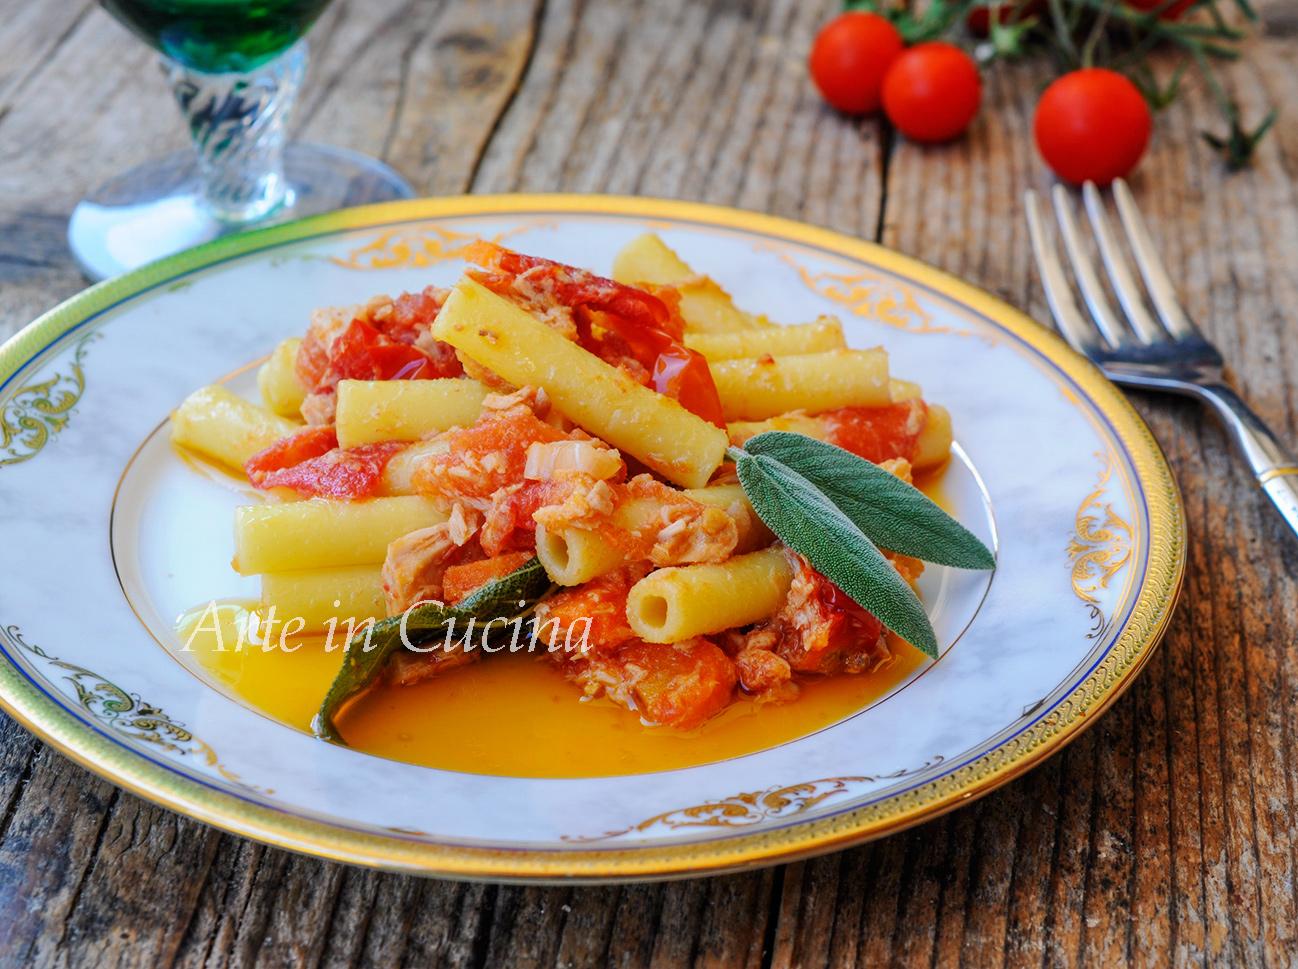 Pasta tonno e mollica ricetta facile e veloce vickyart arte in cucina